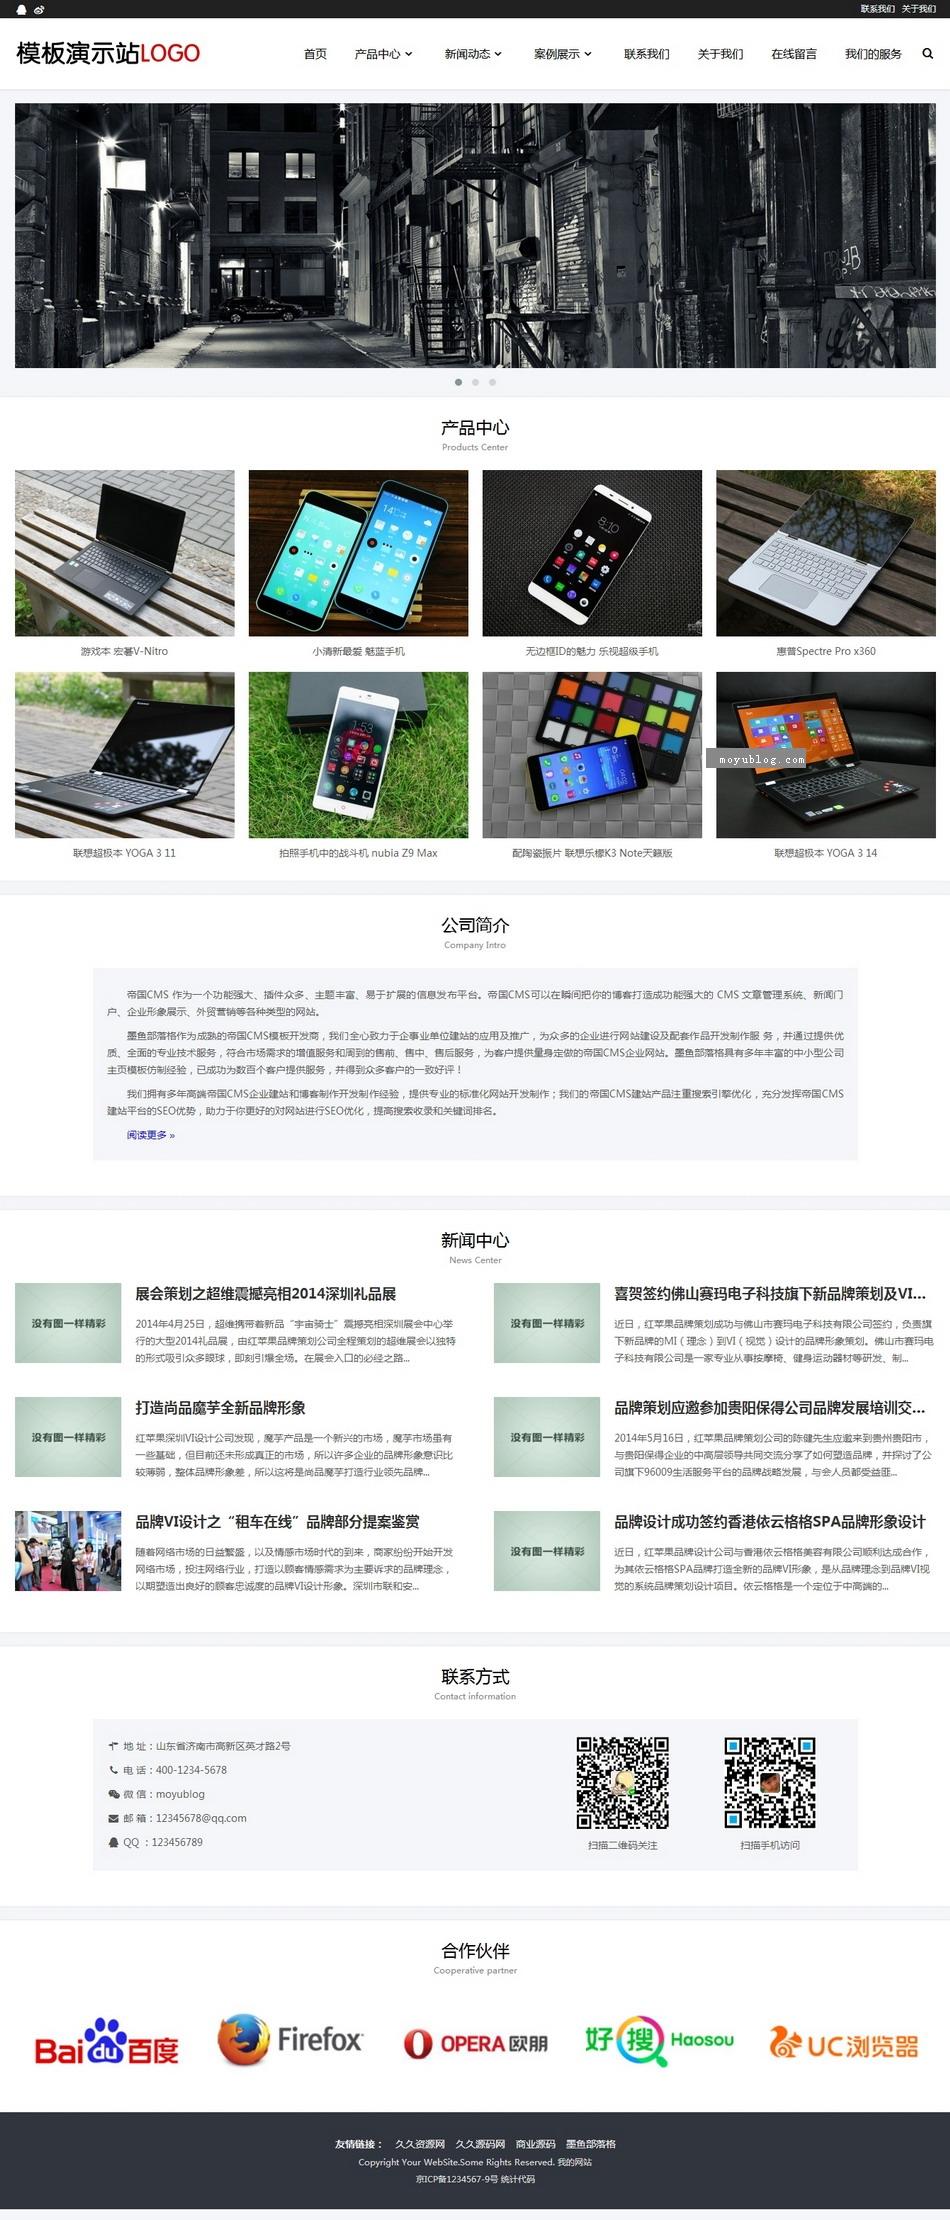 企业公司工作室整站源码帝国CMS自适应响应式HTML5支持手机